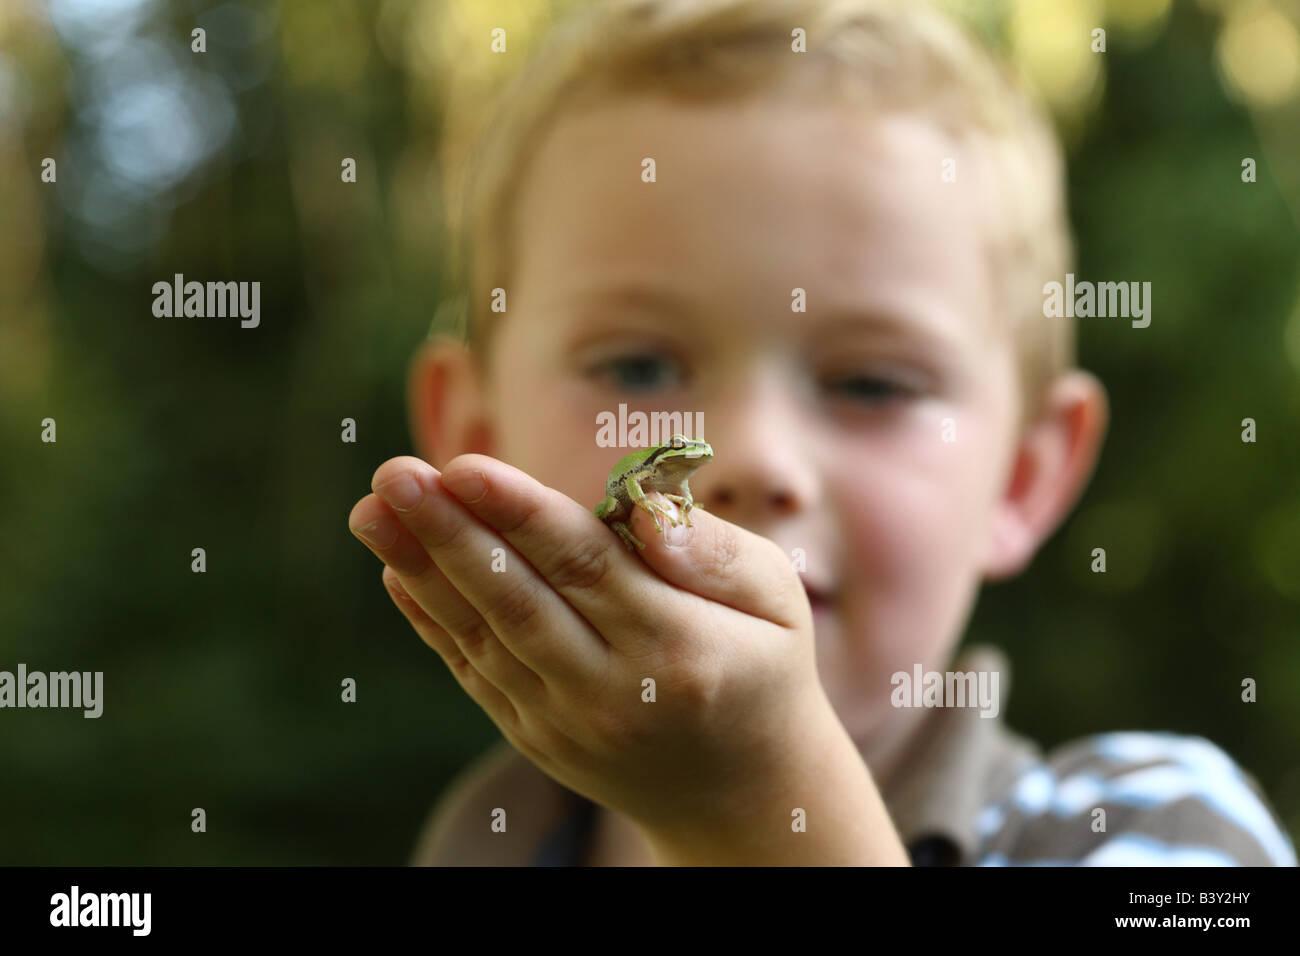 Kleiner Junge hält kleine Laubfrosch Stockfoto